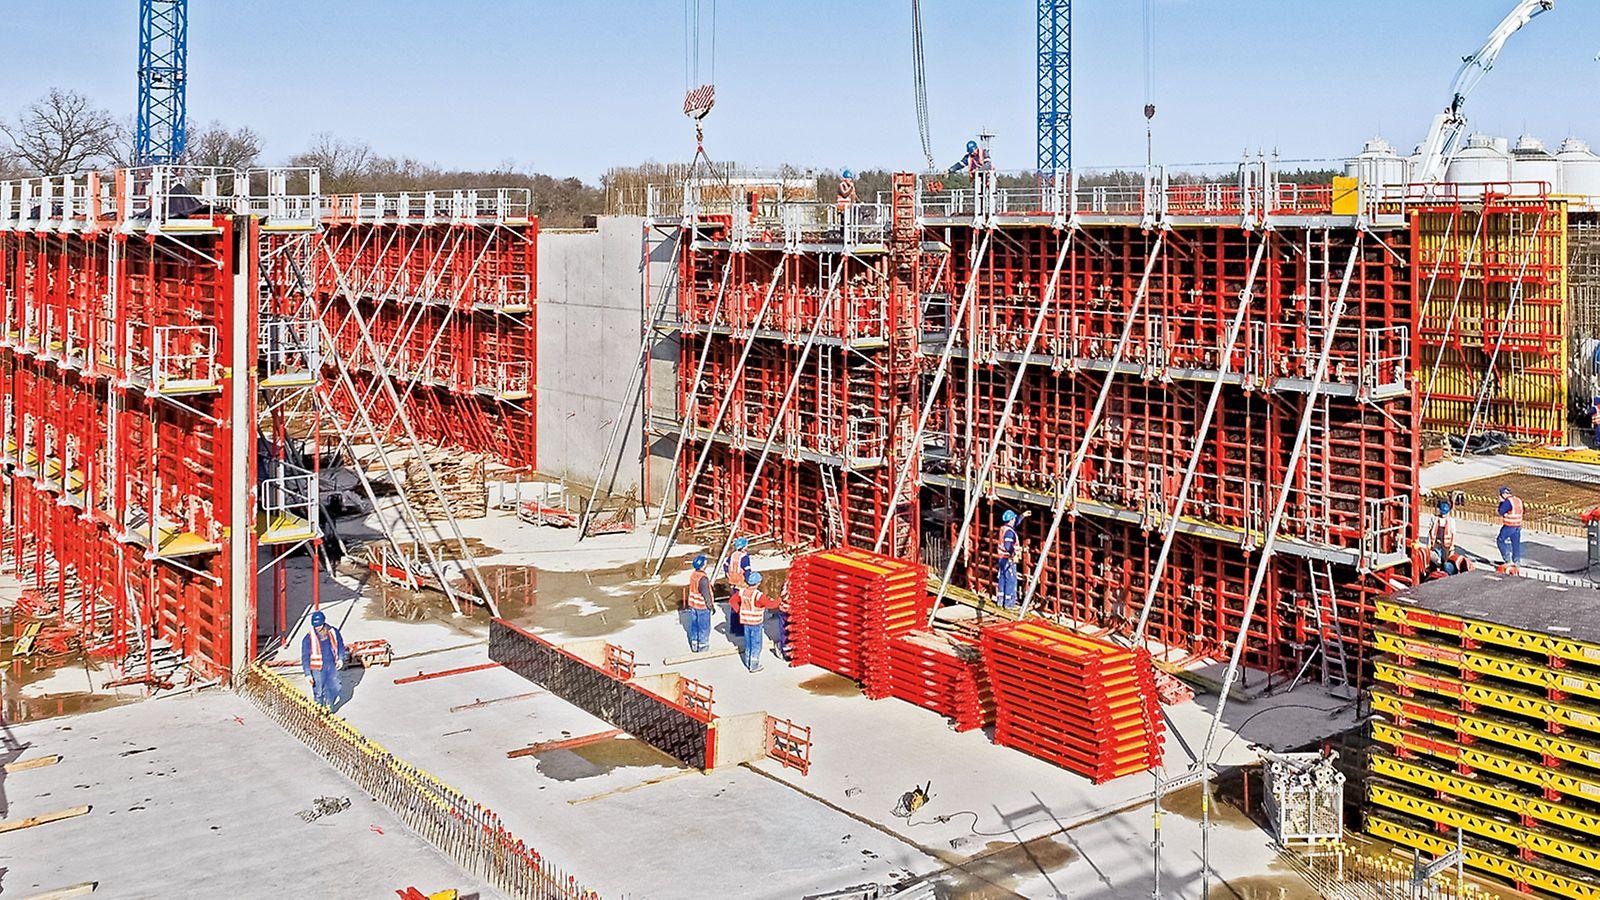 Εξοπλισμένο με πλατφόρμες, το TRIO προσφέρει τη μέγιστη ασφάλεια στην κατασκευαστική ομάδα. Ολοκληρωμένες μεγάλης επιφάνειας μονάδες μεταλλοτύπου, με πλατφόρμες εργασίας, σκάλες πρόσβασης και προστατευτικά κιγκλιδώματα μετακινούνται από την μία φάση εργασίας στην άλλη.